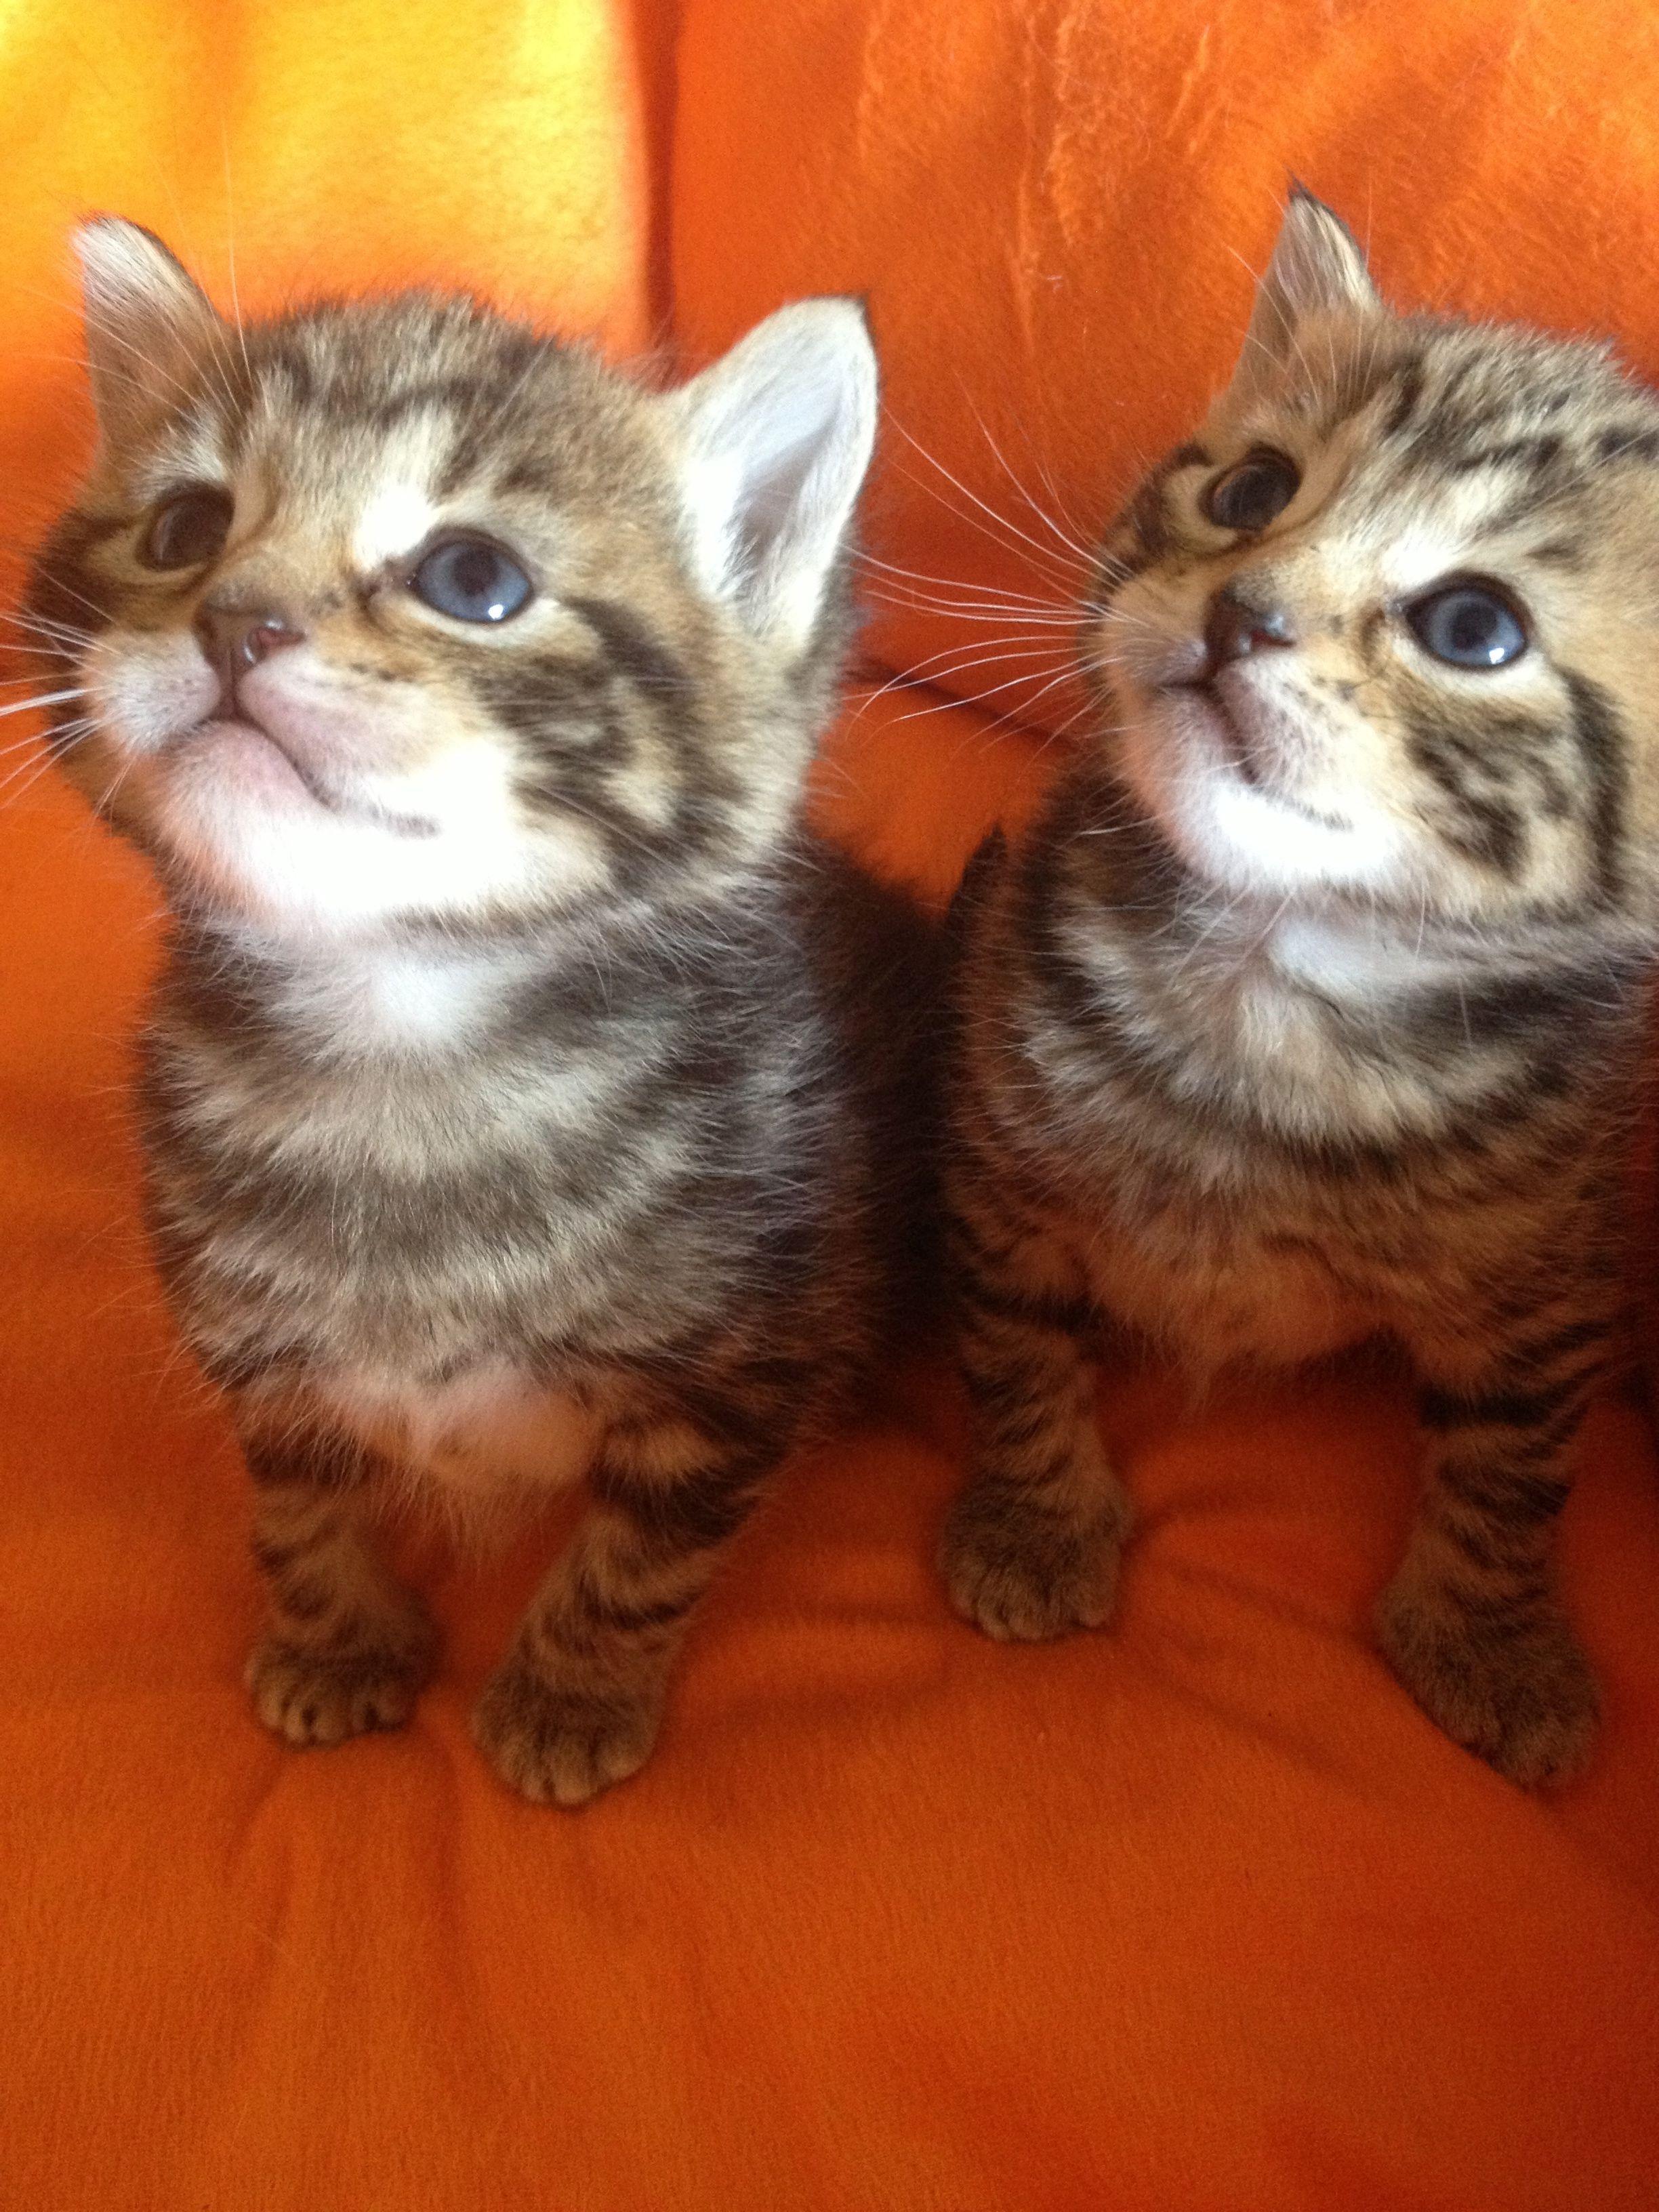 3 Weeks Old Tabby Kitten Siblings Very Cute Kittens Cutest Cute Animals Cute Baby Animals